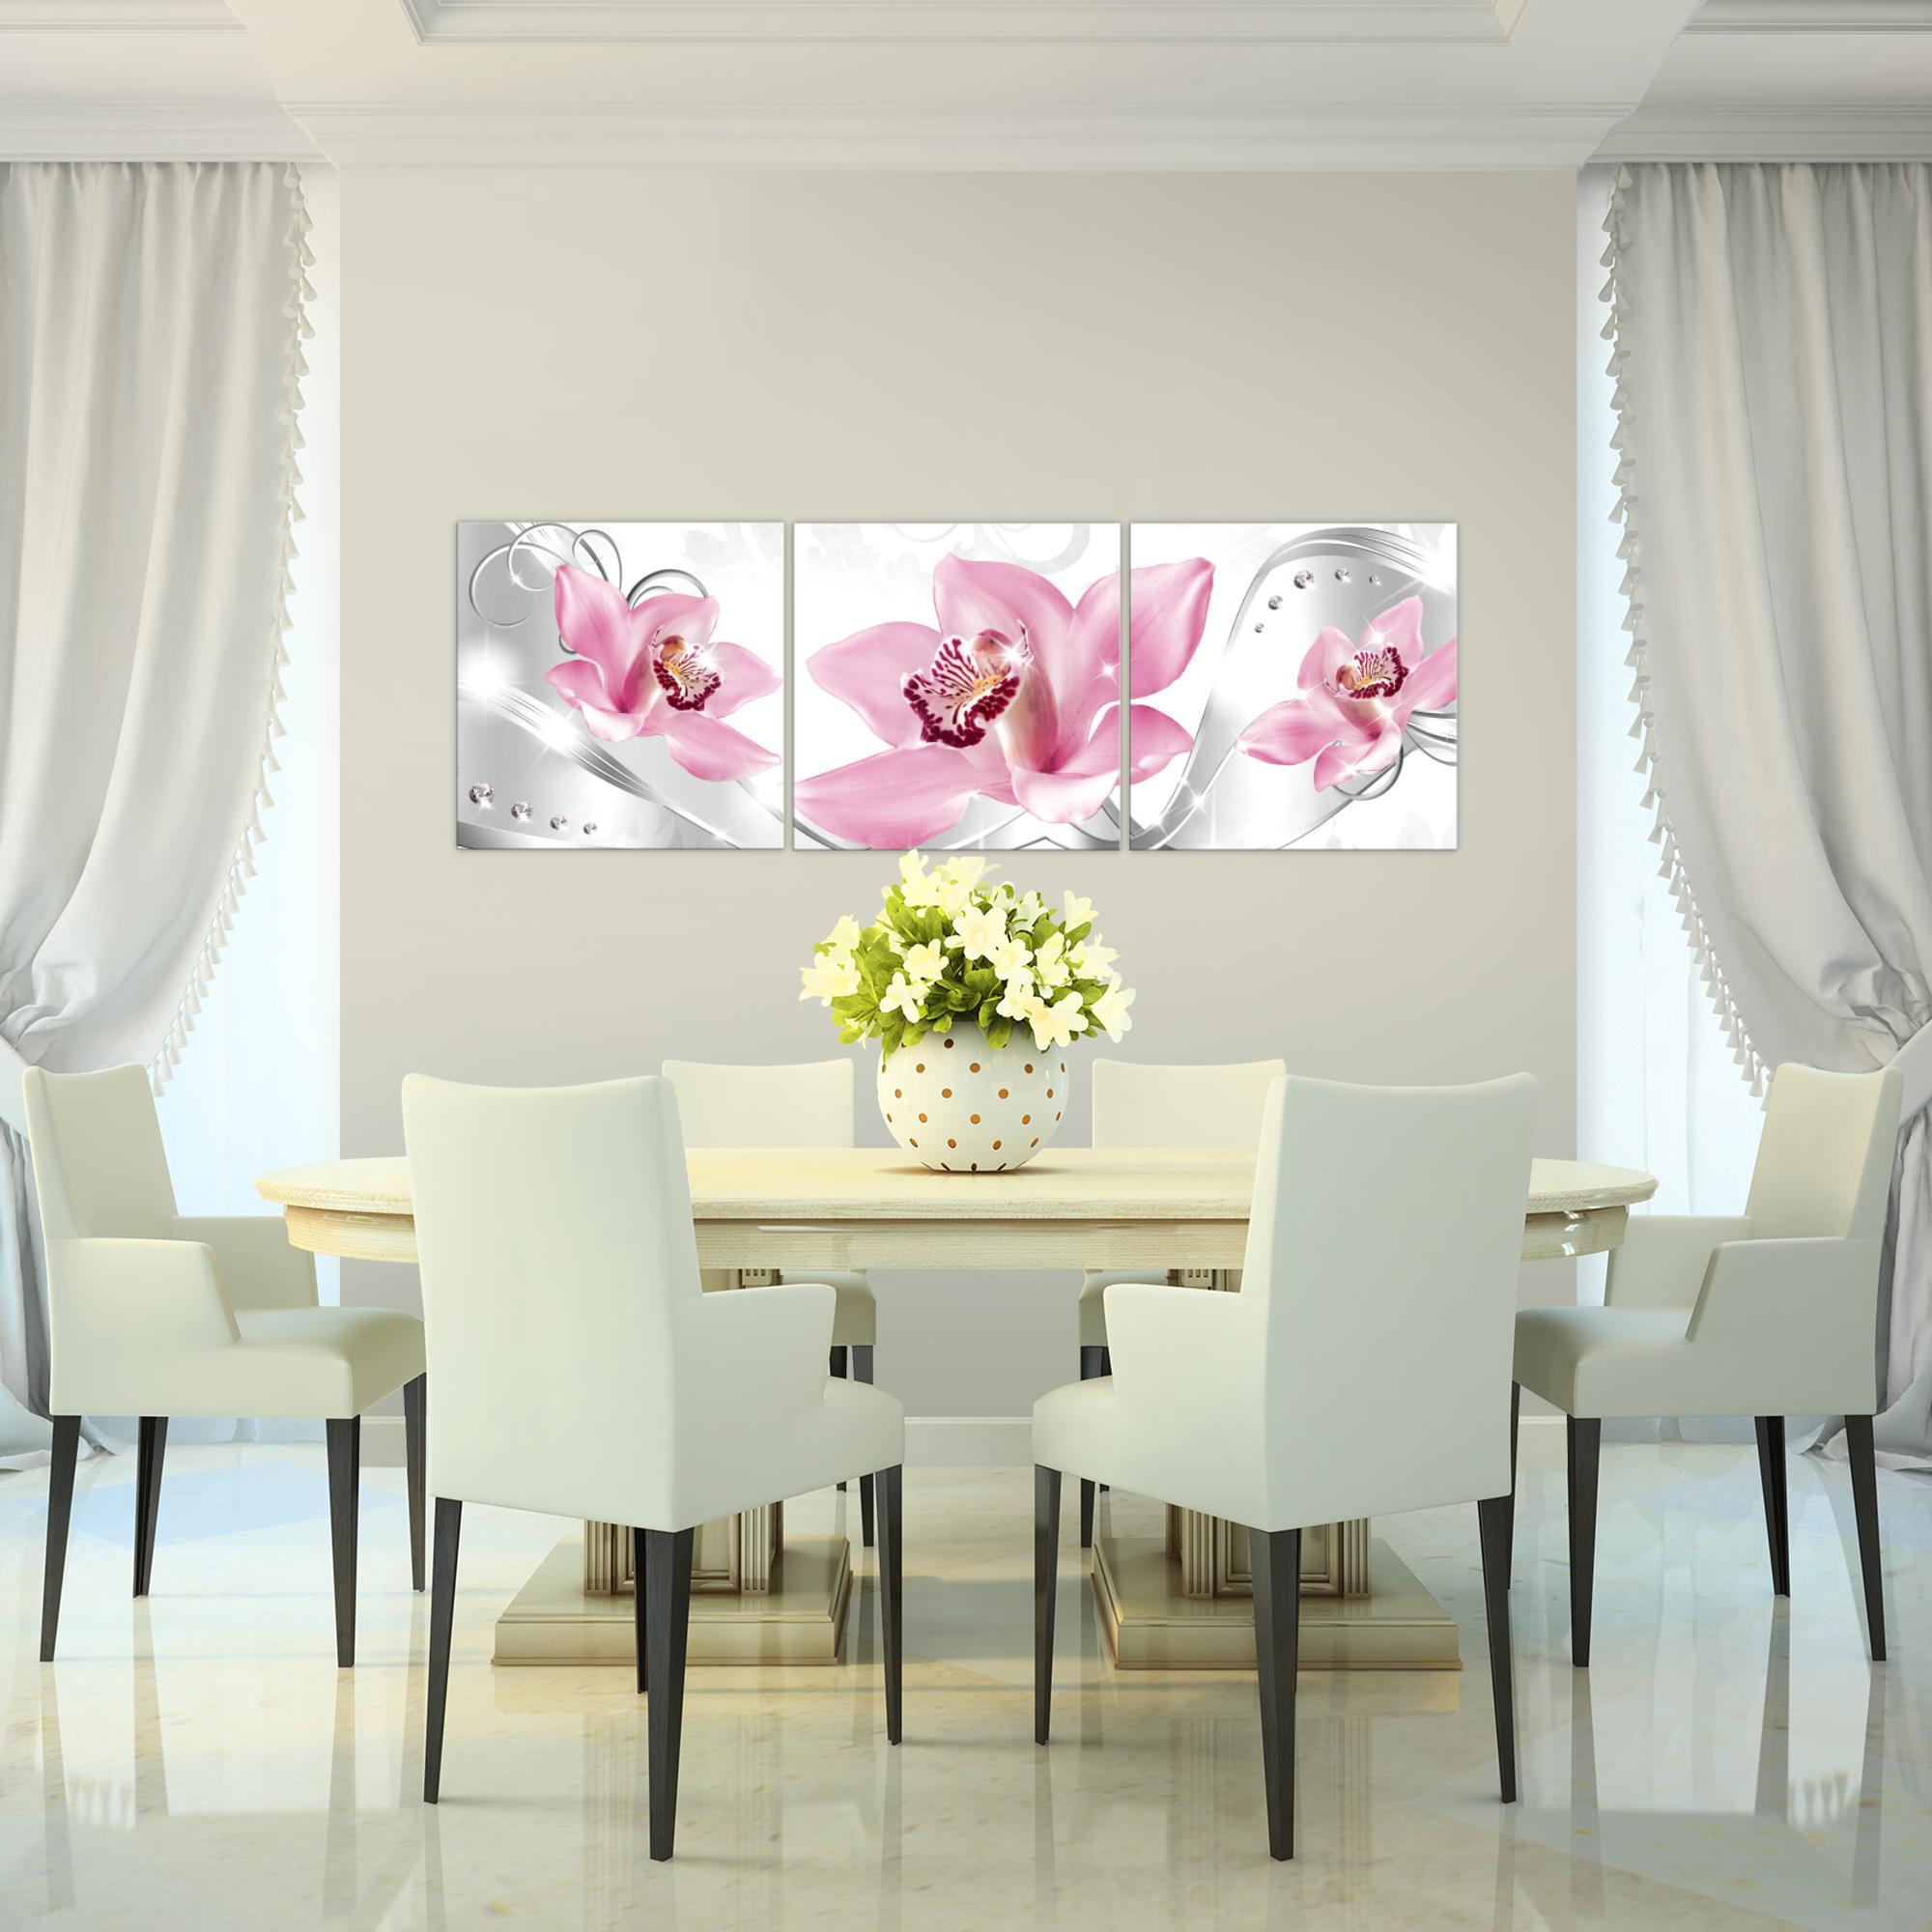 blumen lilie bild kunstdruck auf vlies leinwand xxl dekoration 023134p. Black Bedroom Furniture Sets. Home Design Ideas